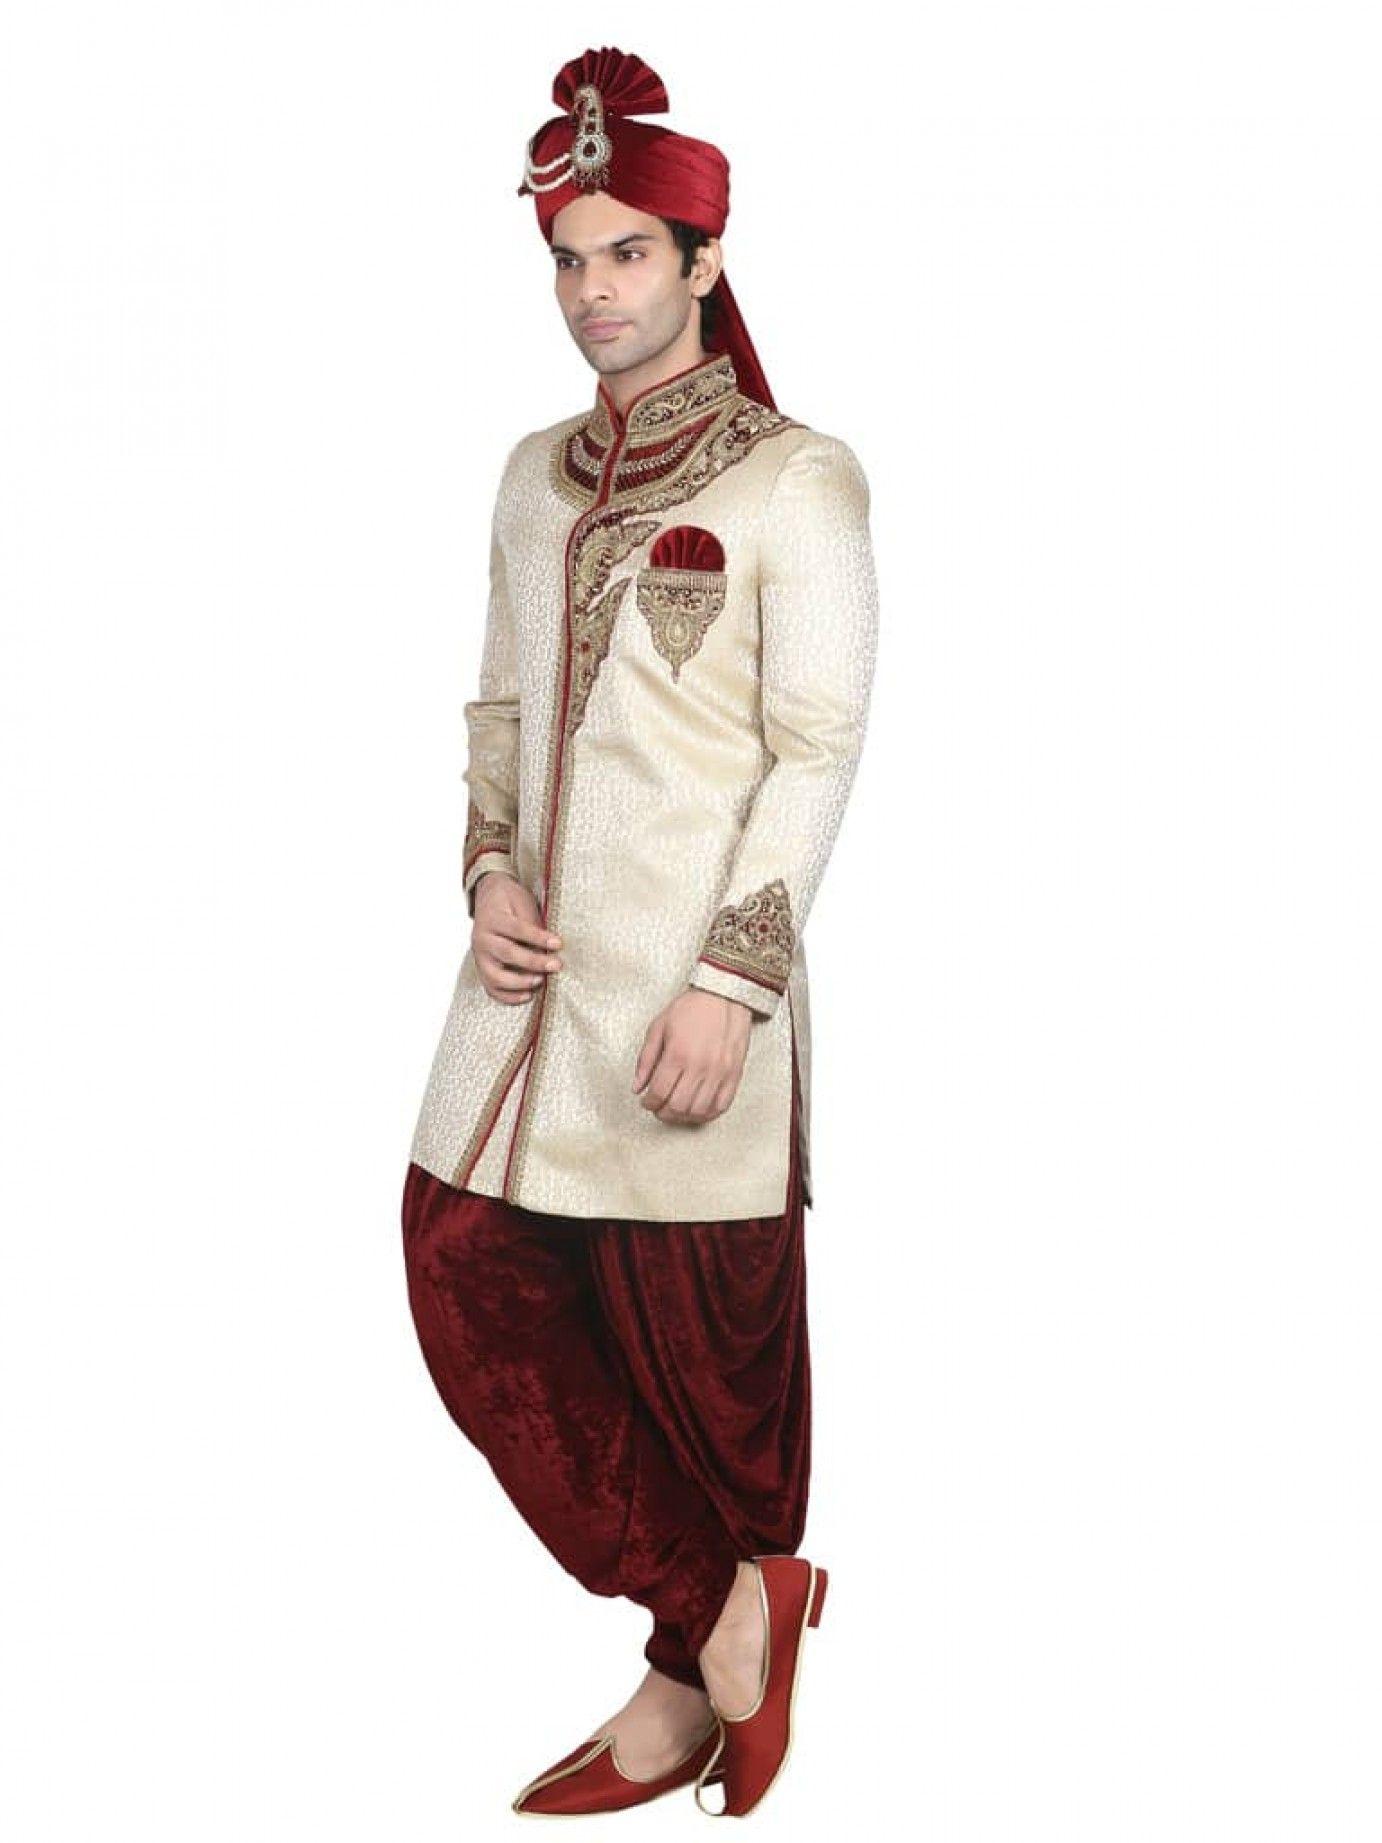 Pin by mayloz on men dhoti sherwani pinterest sherwani and patches